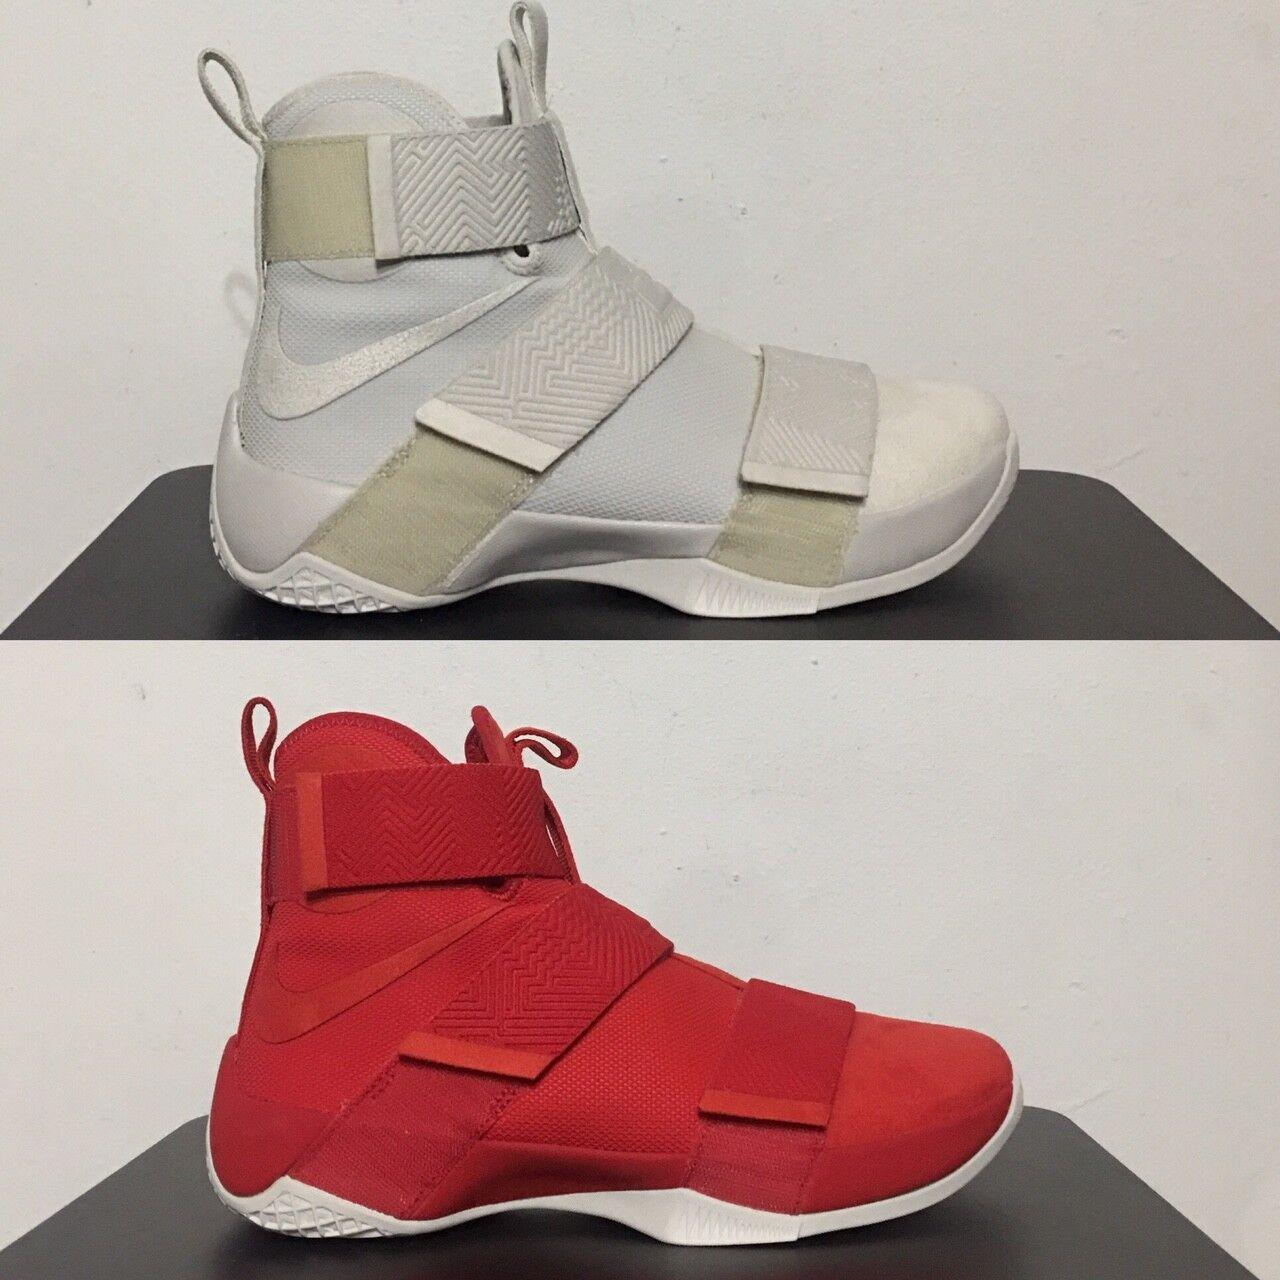 Nike lebron soldato 10 sfg lux scarpe da basket luce osso rosso 911306 luce ossa, università di rosso